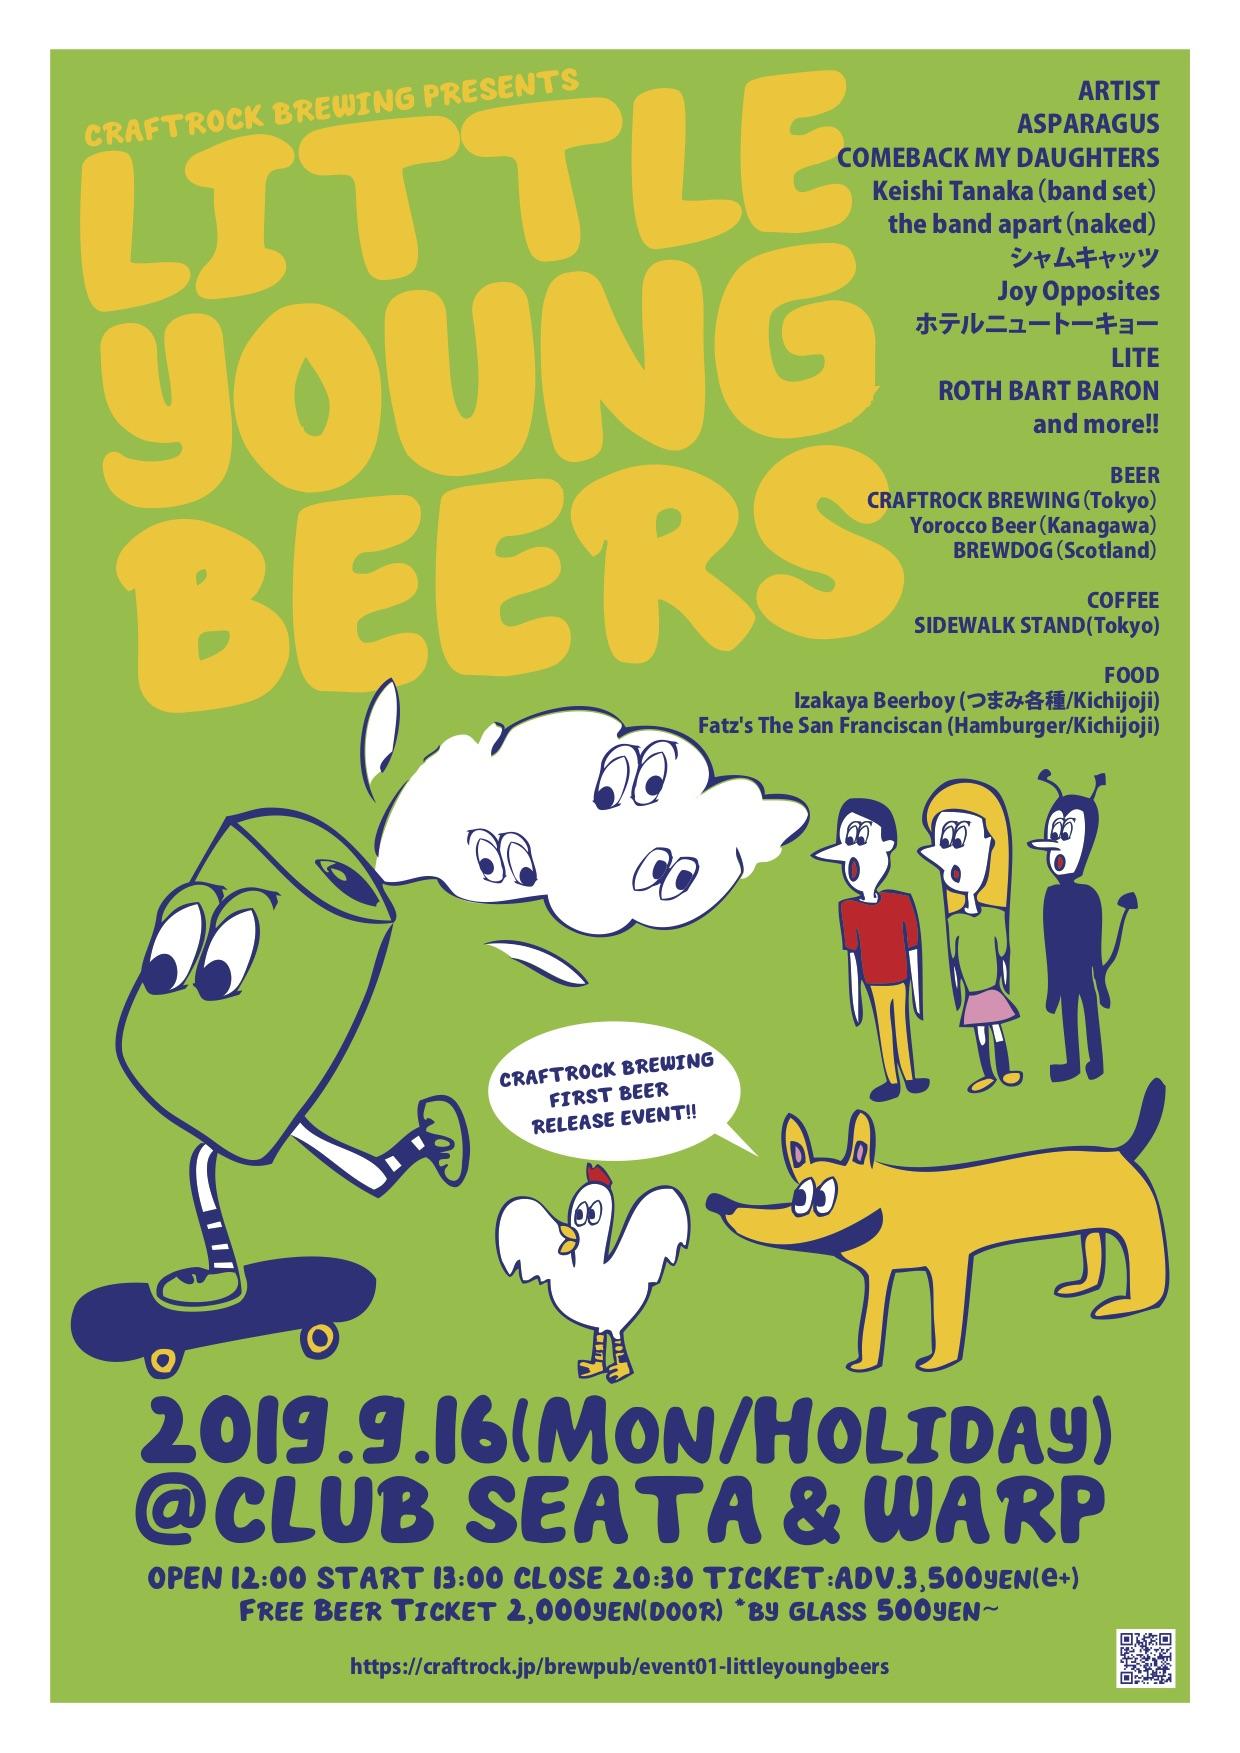 9/16(月祝)に開催される、初醸造ビールお披露目イベントのフライヤー。シャムキャッツ、the band apart(naked)、LITEなど10組がメモリアルなイベントに華を添える。